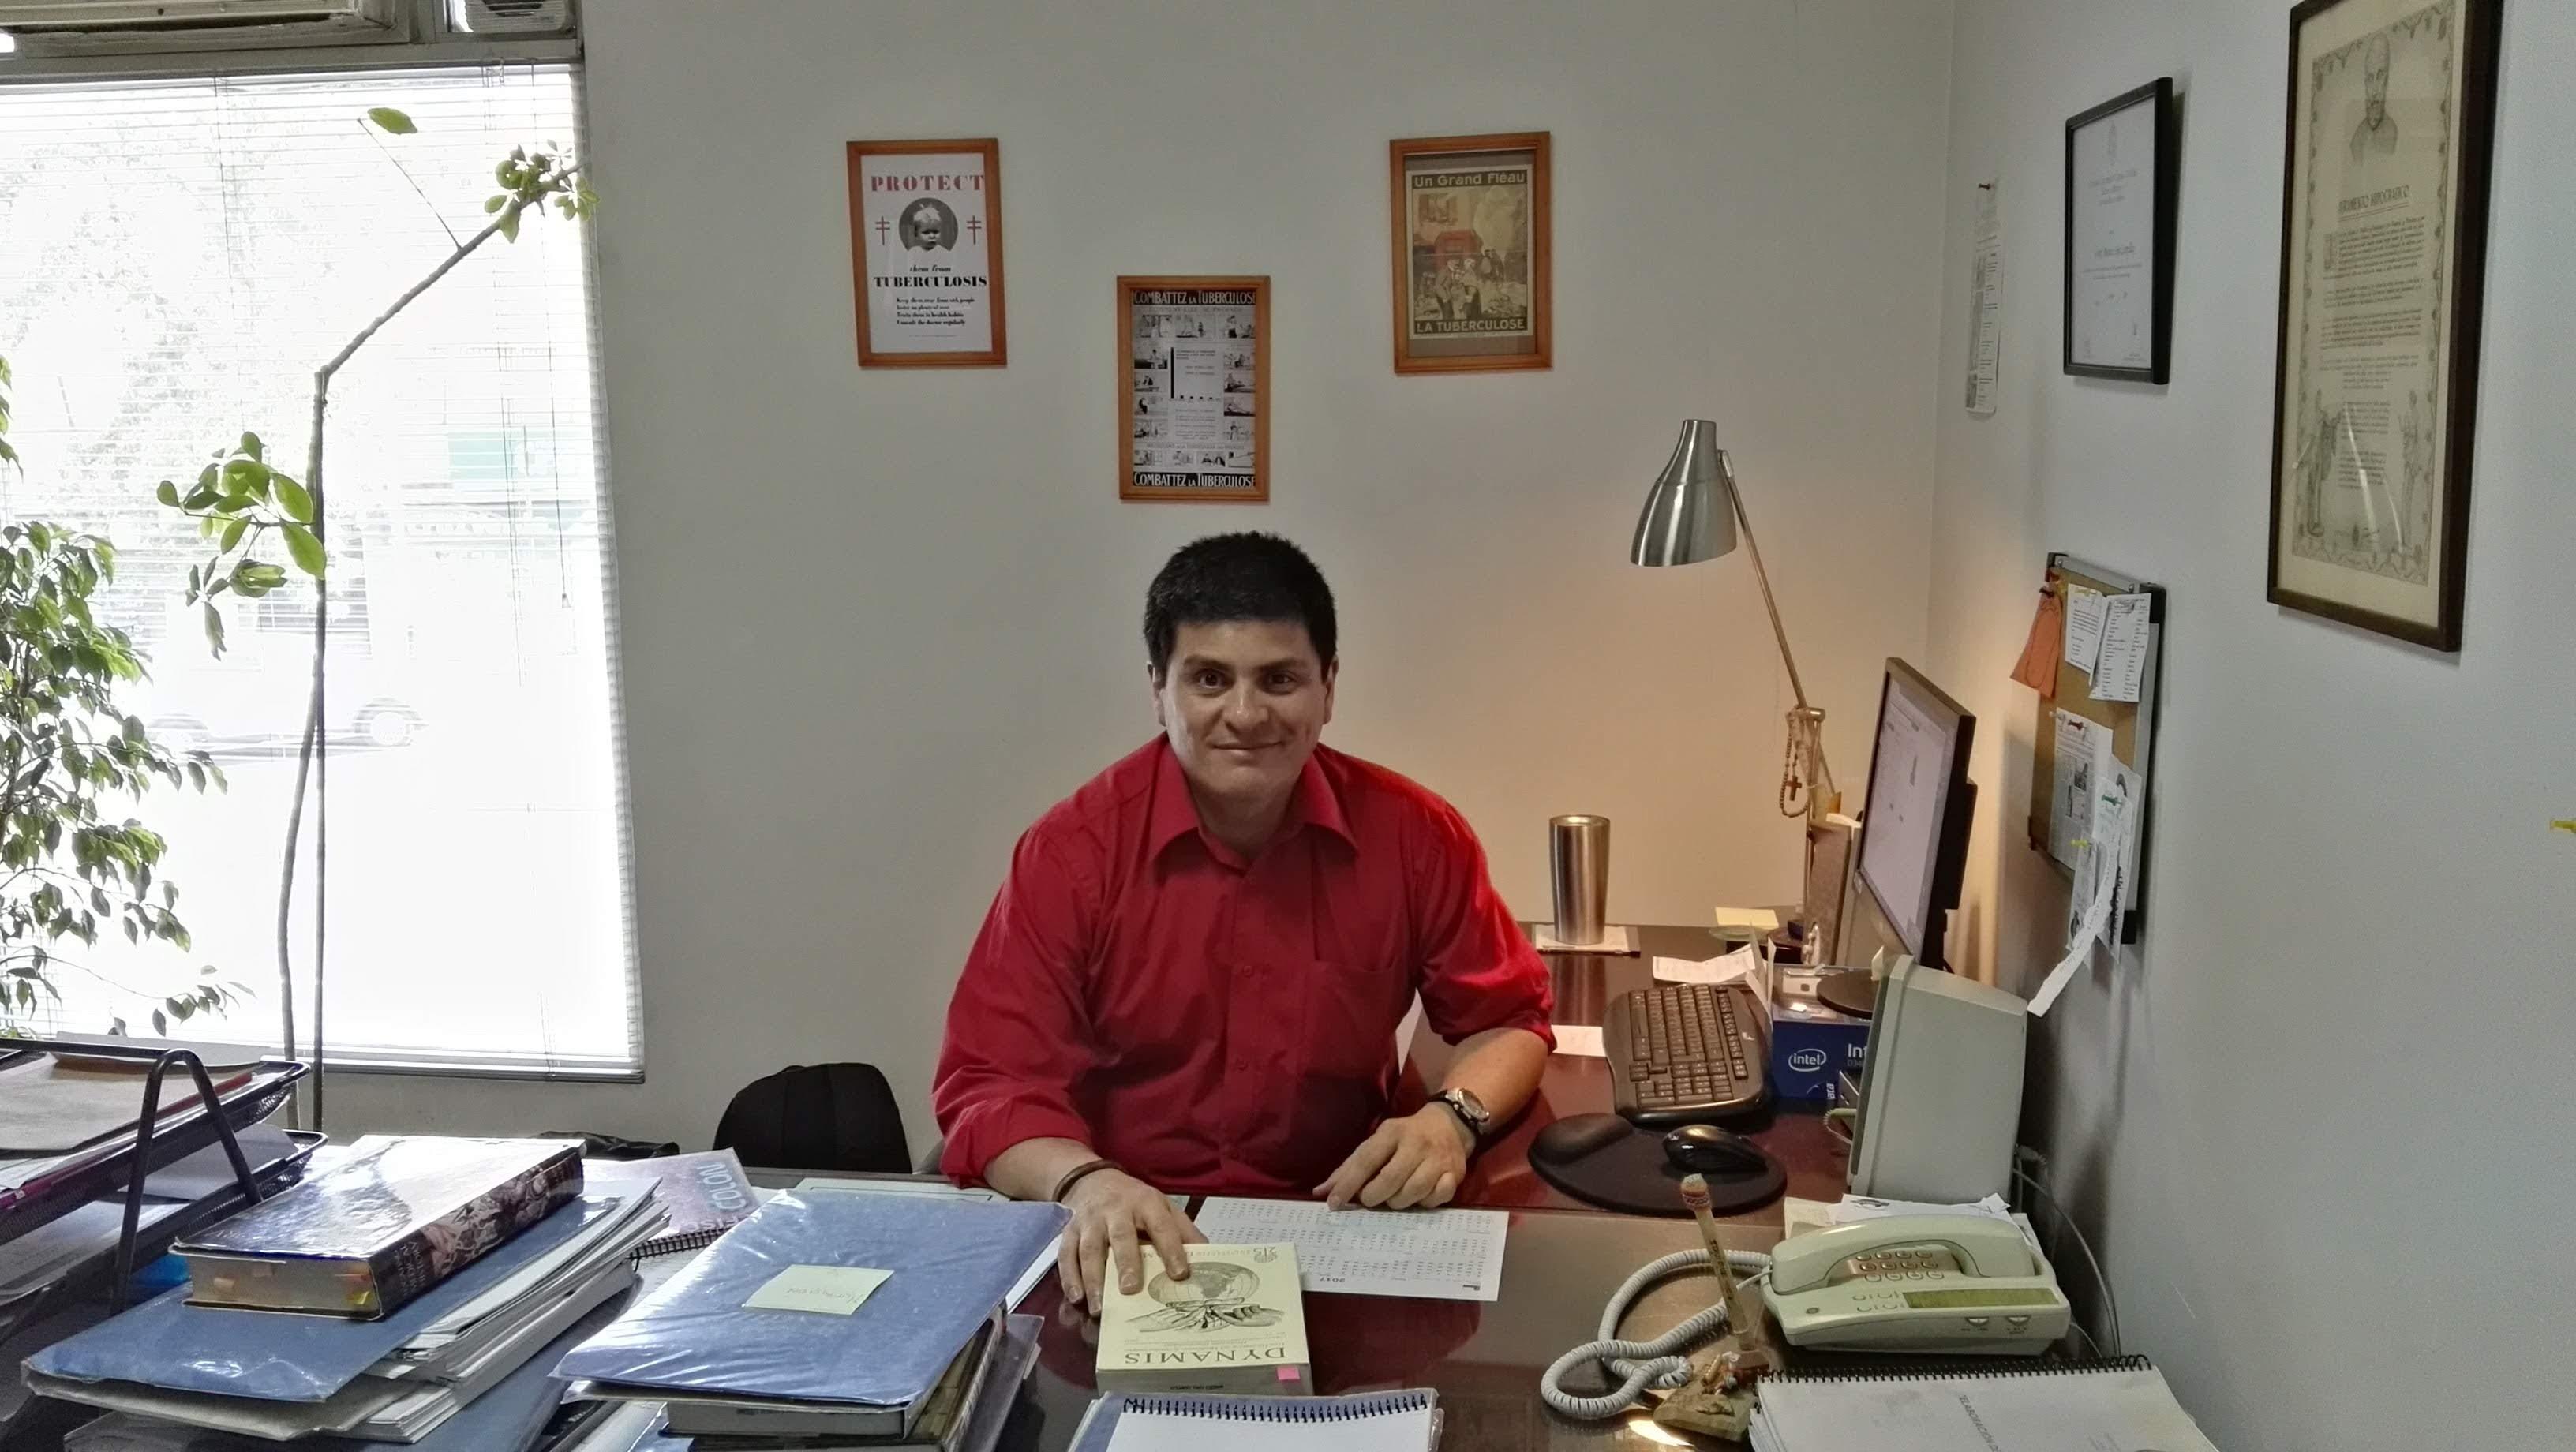 Marcelo López Campillay Doctor en Historia, Profesor Asistente de la Facultad de Medicina de la Pontificia Universidad Católica de Chile